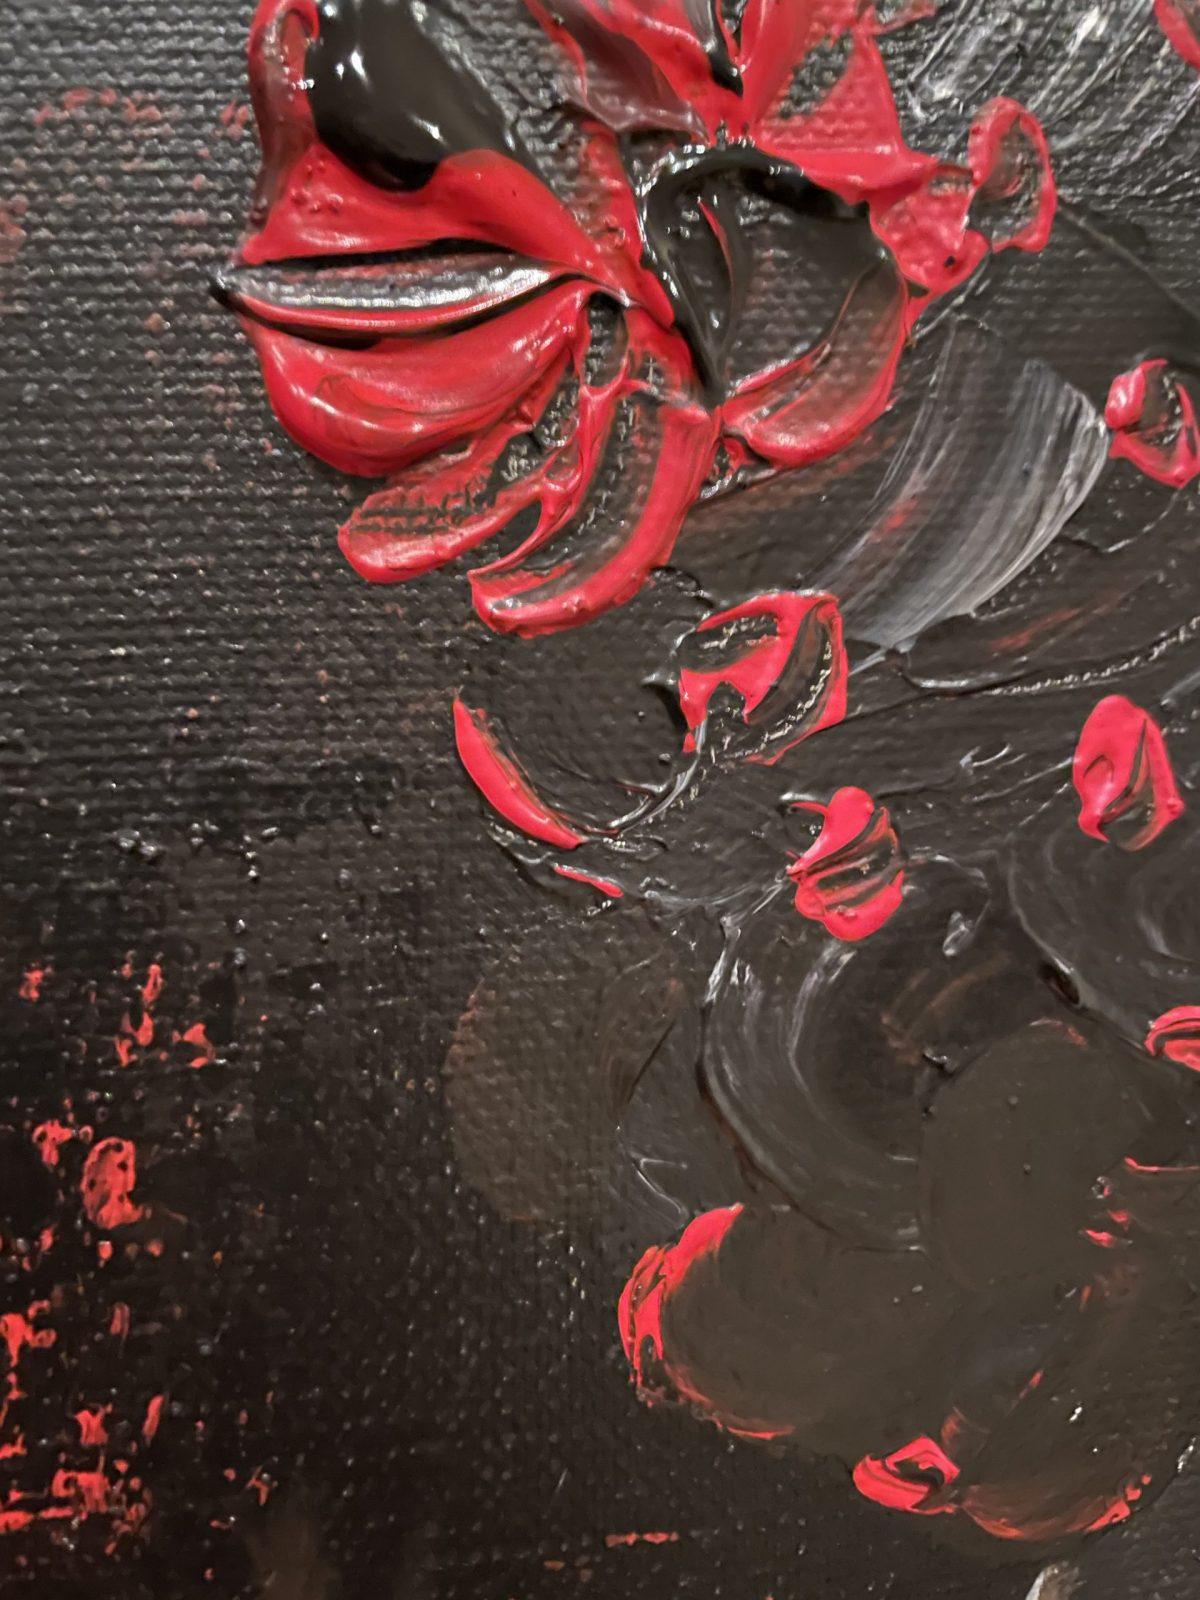 Danseuse du Flamenco, gros plan sur le chignon de la danseuse fait au couteau à palette